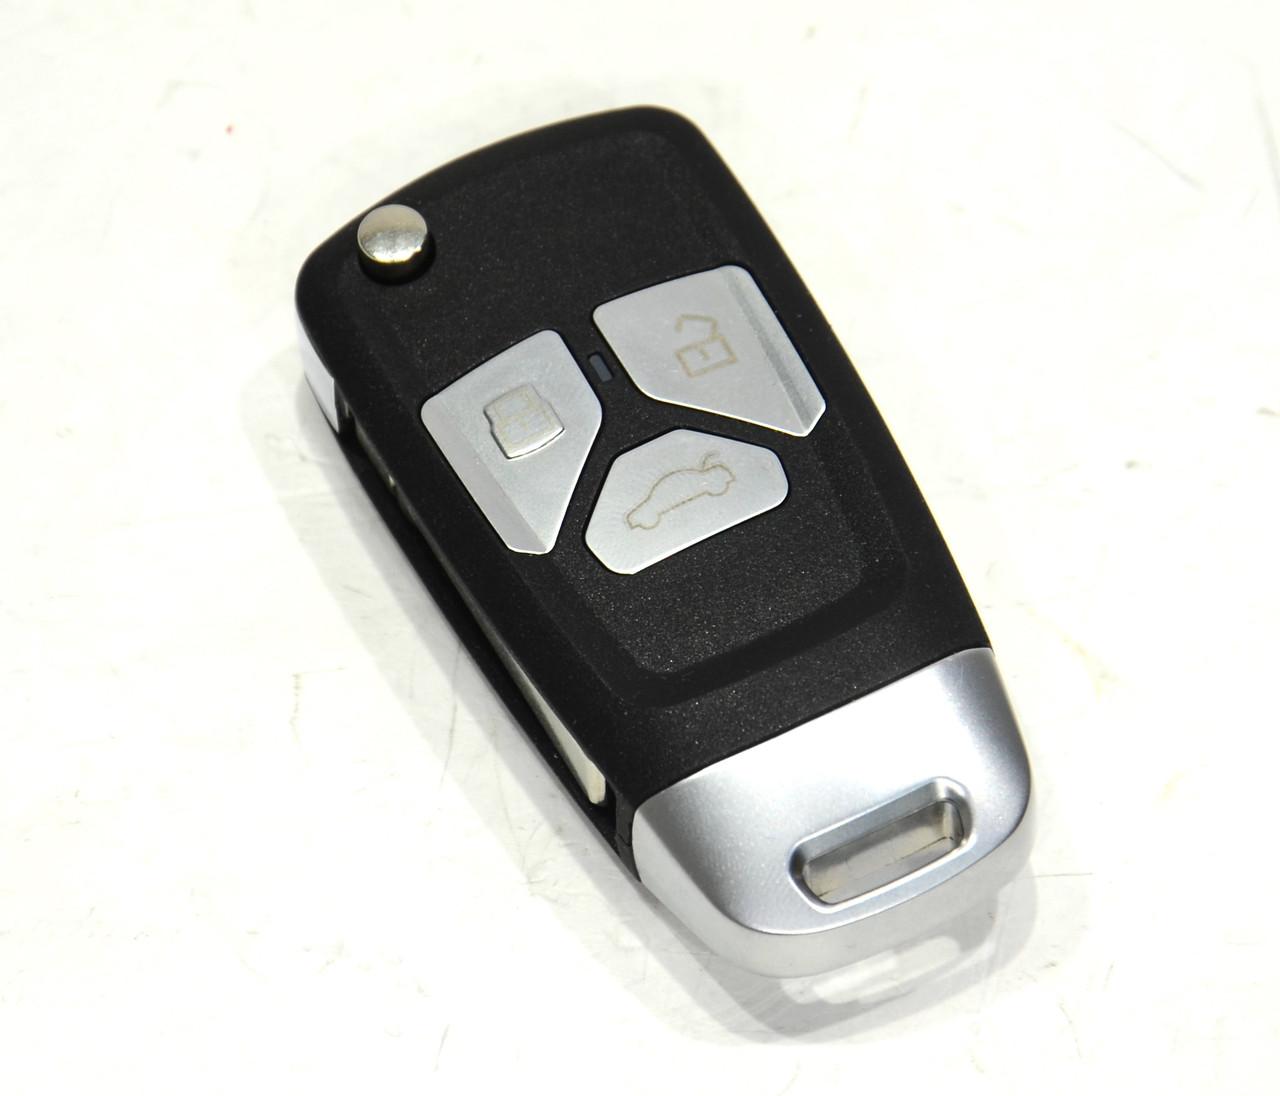 Ключ VW европа 434mhz